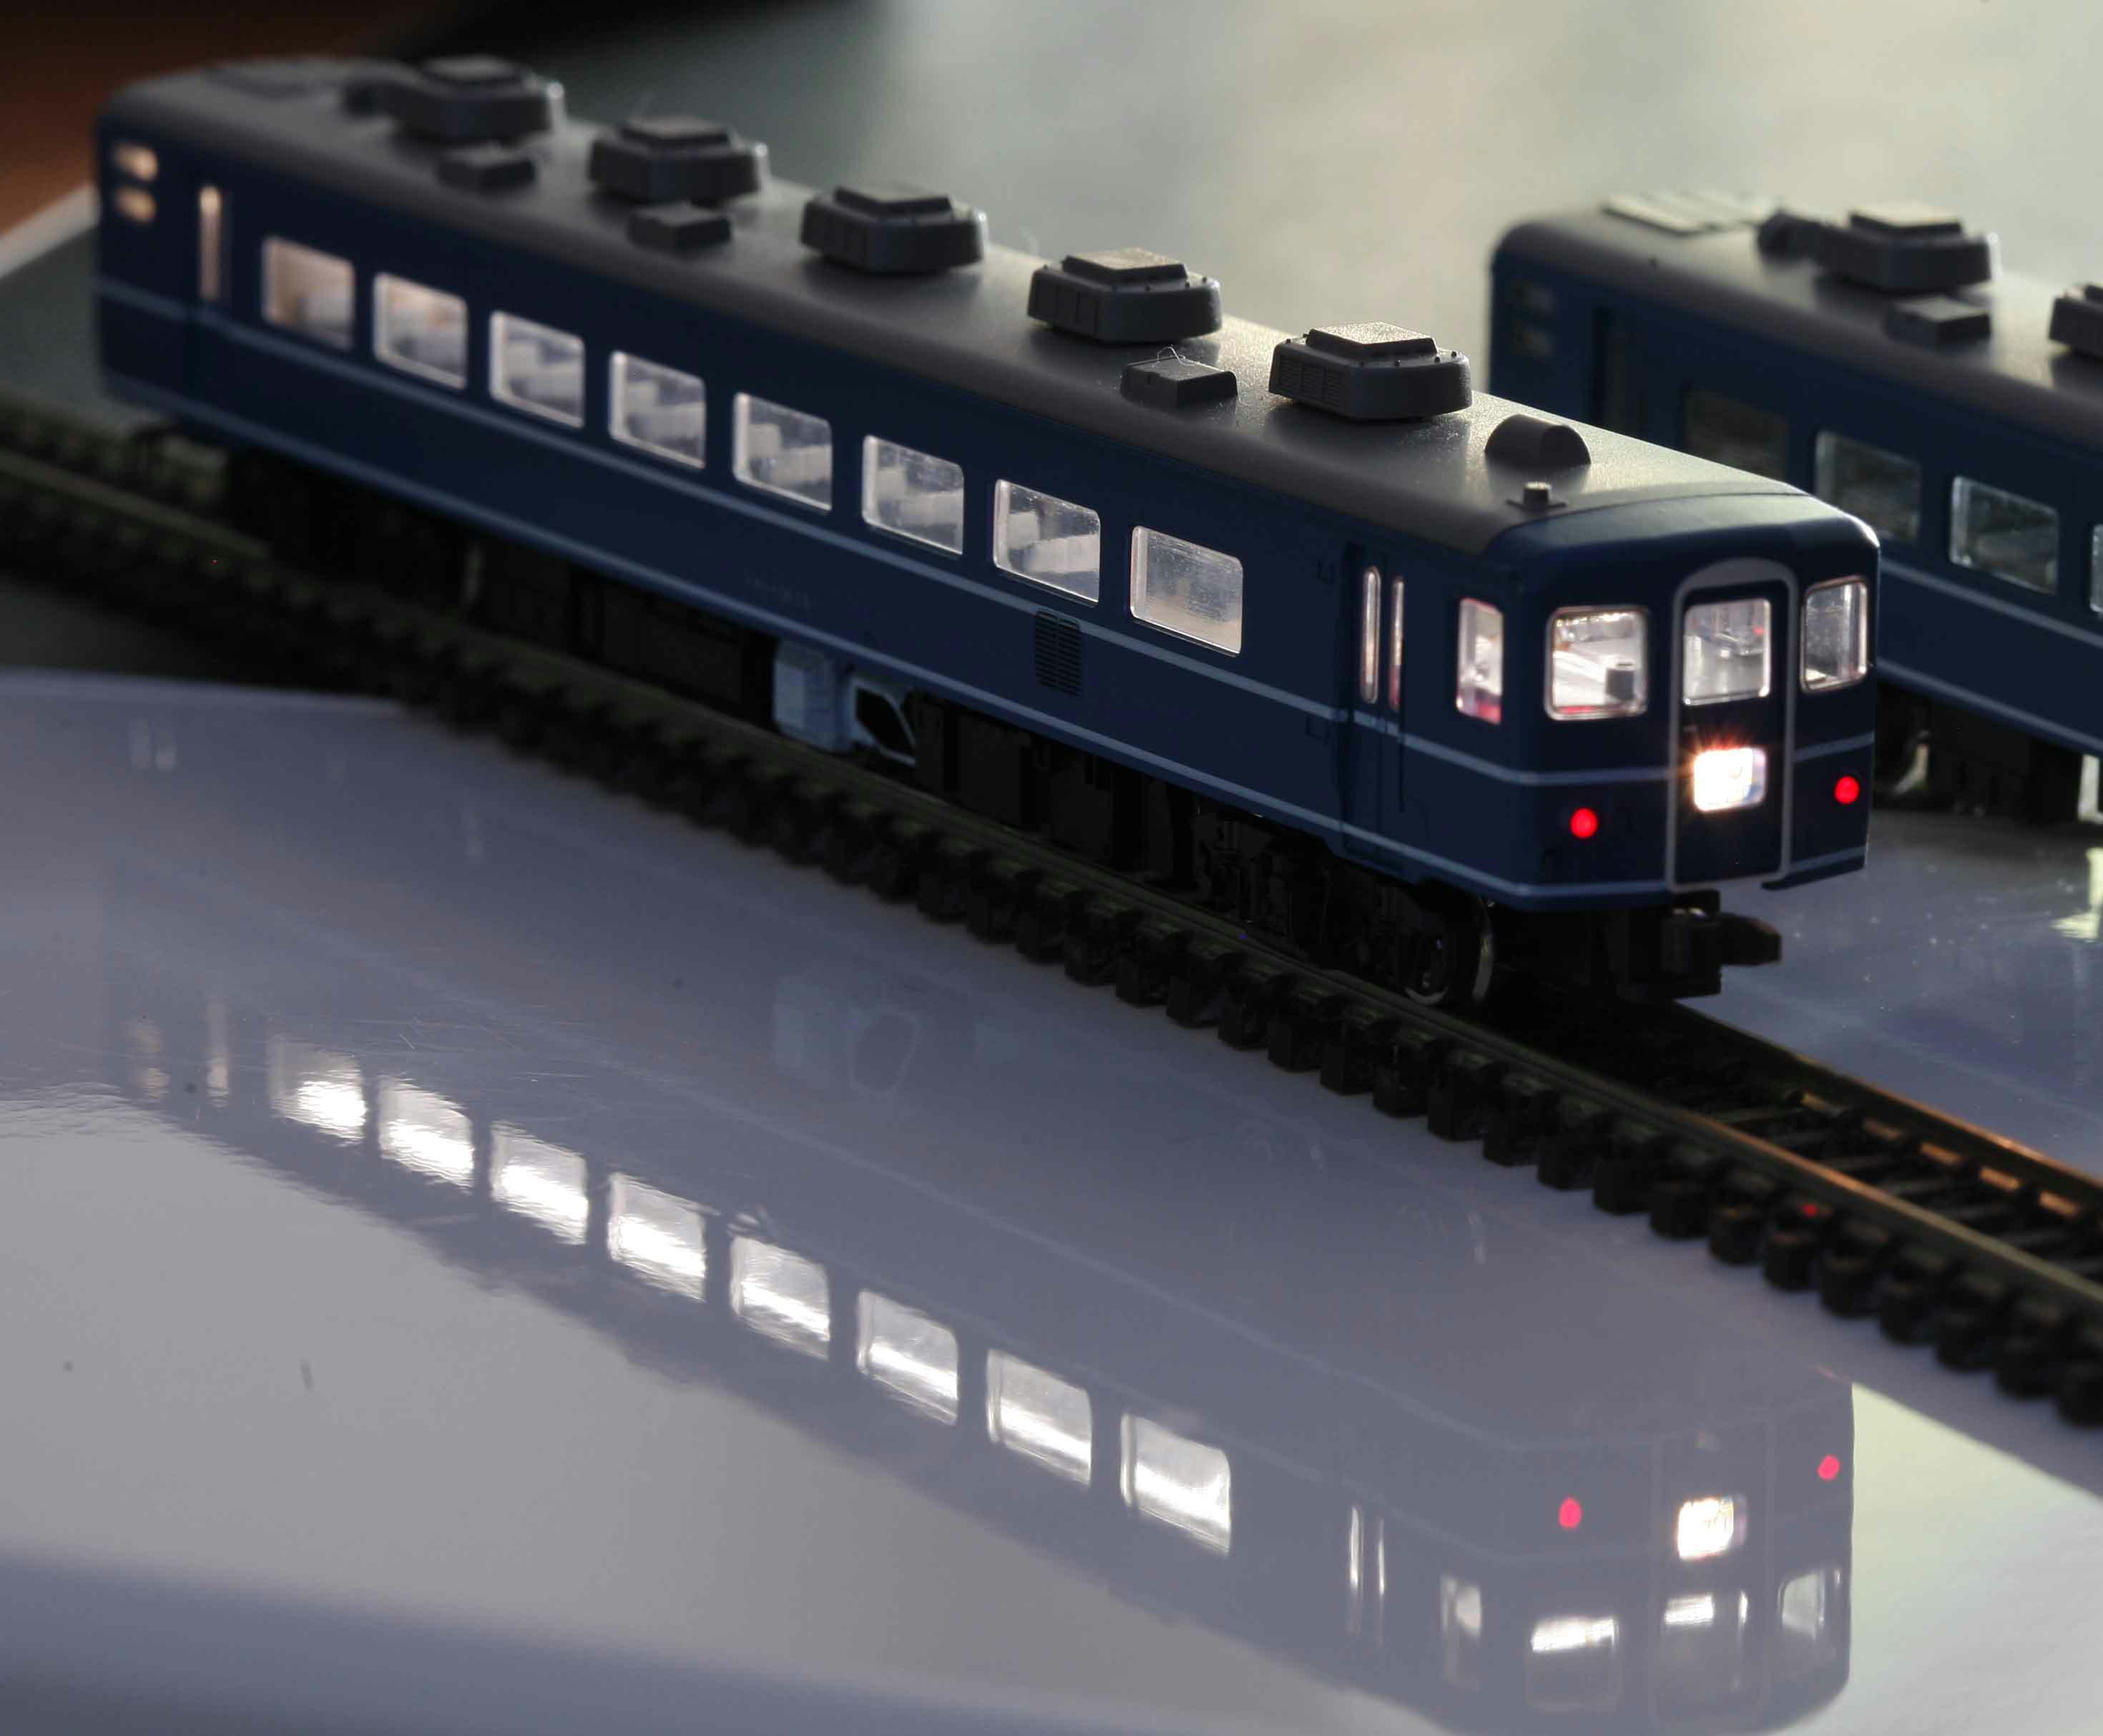 Train model lighting set for HO gauge